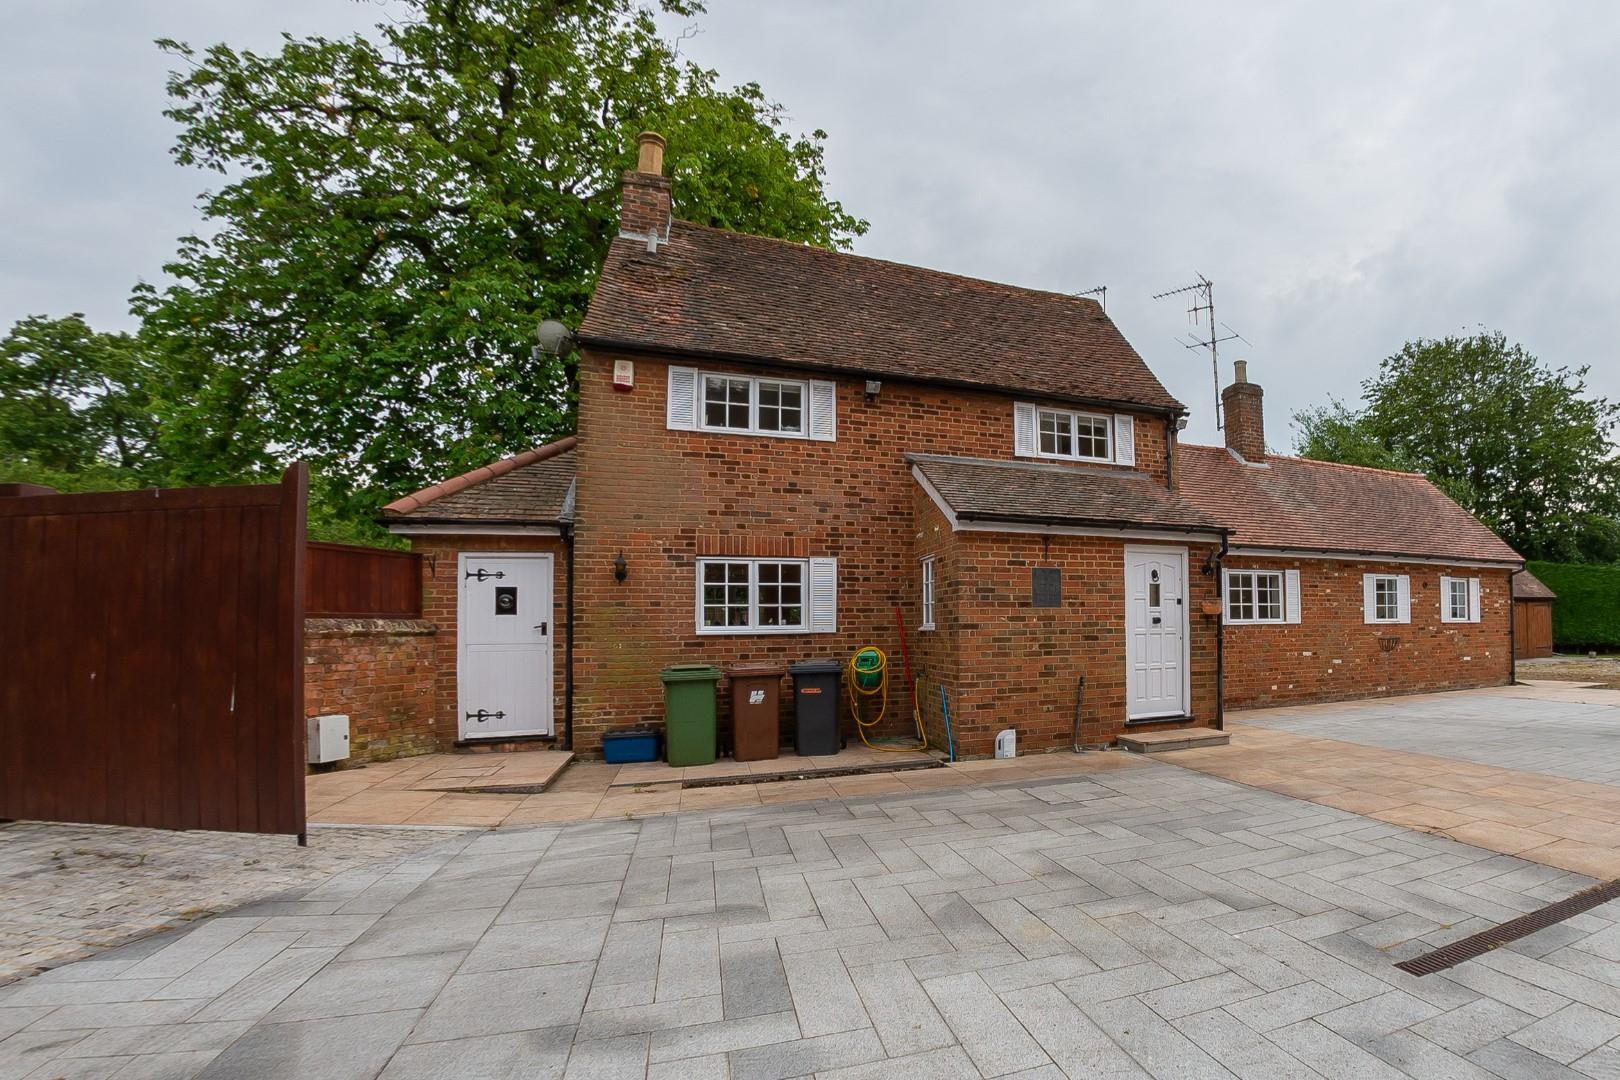 3 Bedroom Chestnut Cottage, Bentley Heath, Barnet